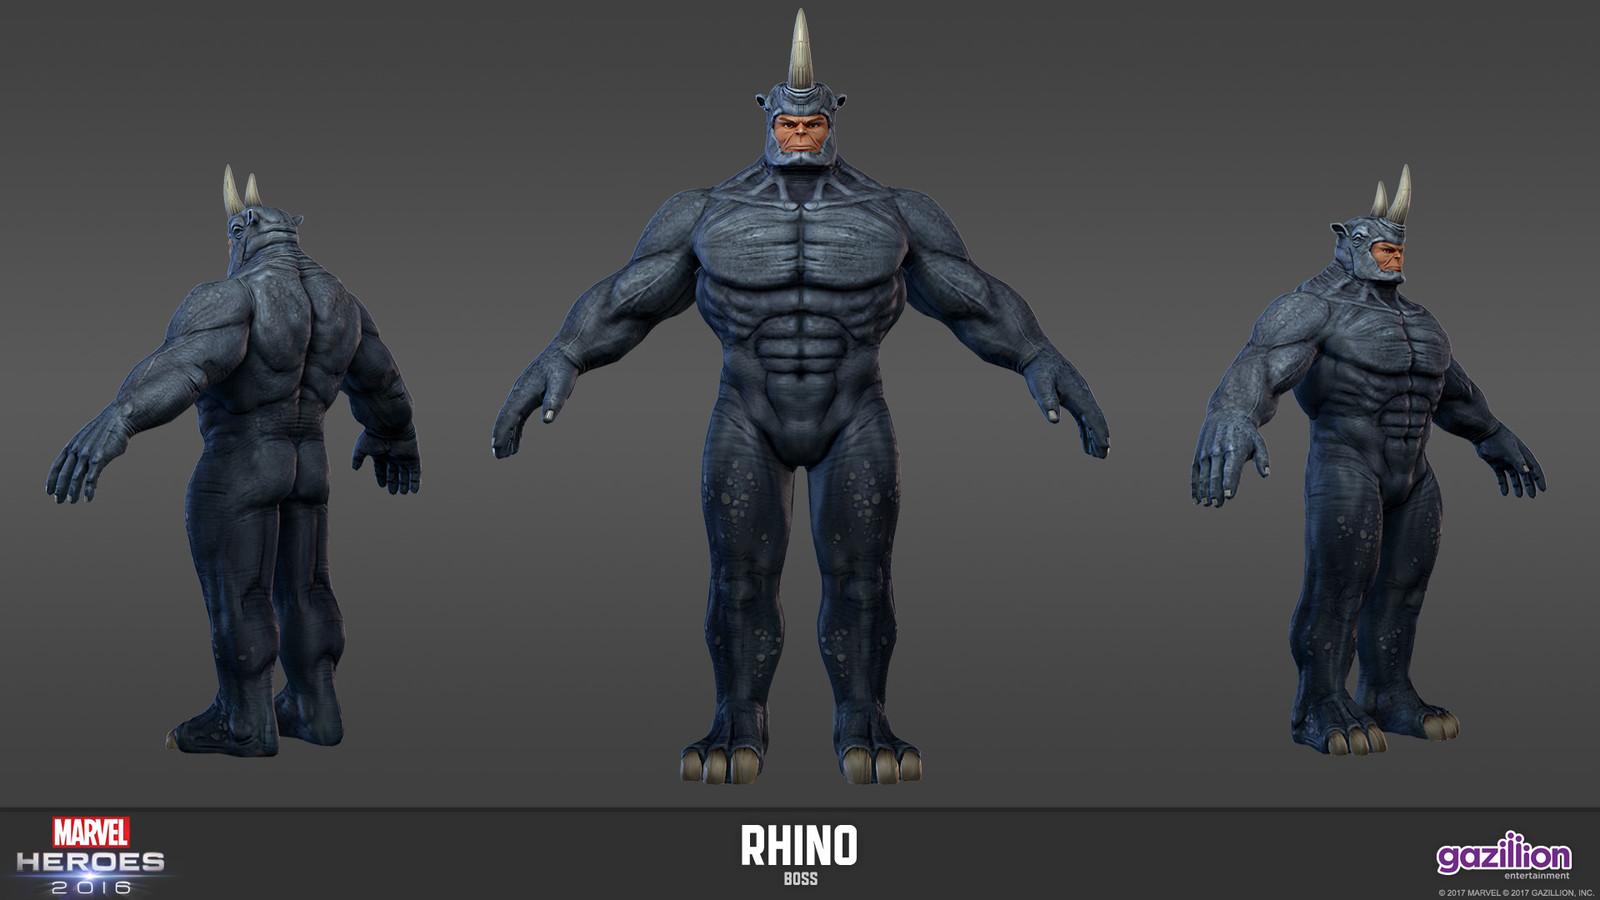 Rhino - Marvel Heroes Omega